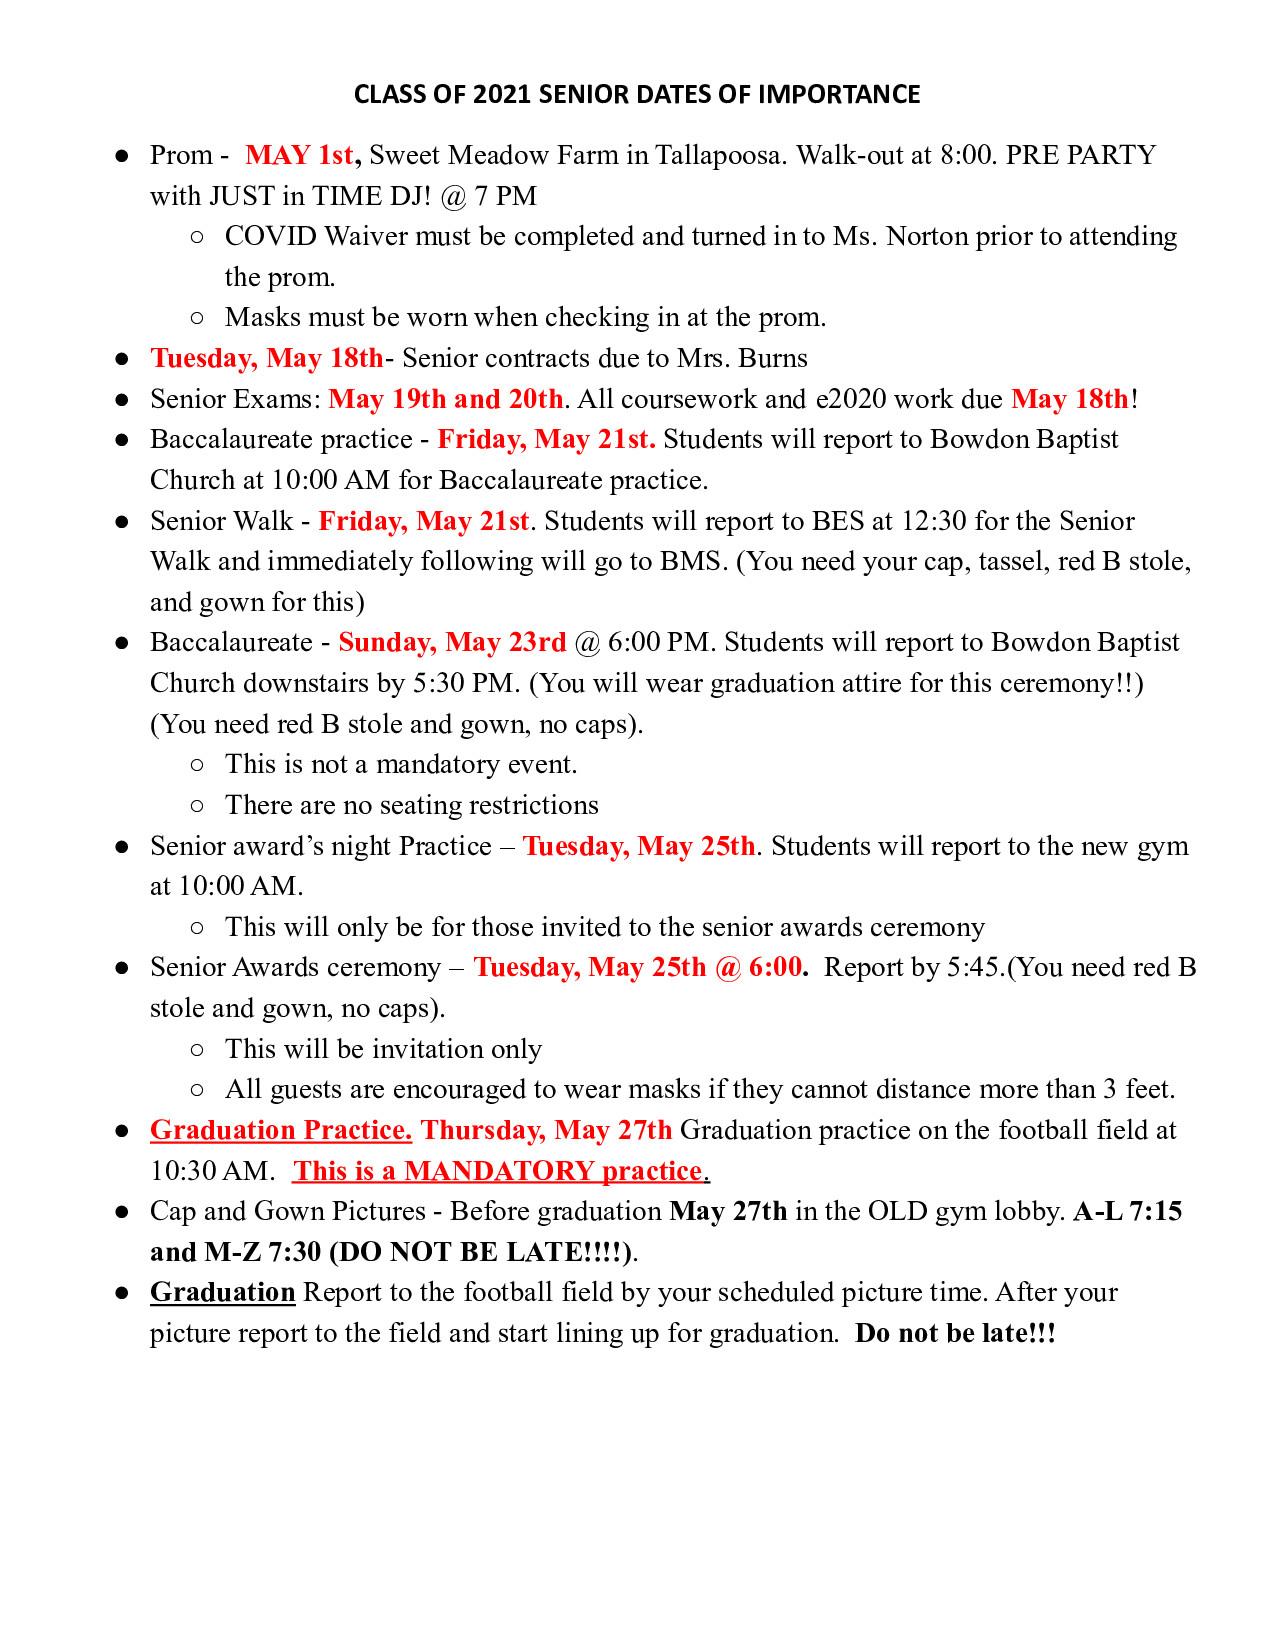 Dates for Seniors